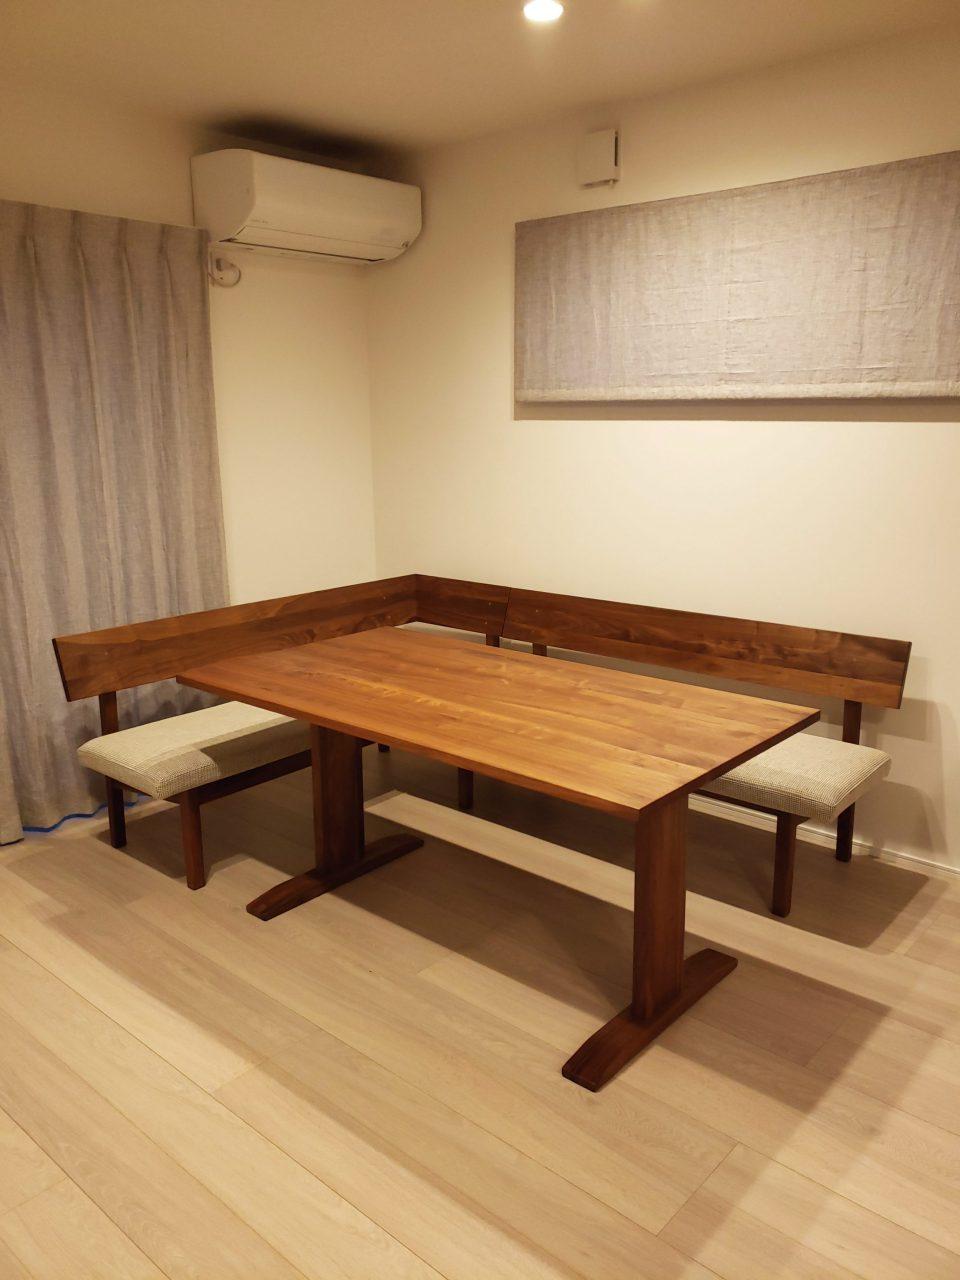 ウォールナット材のダイニングテーブル